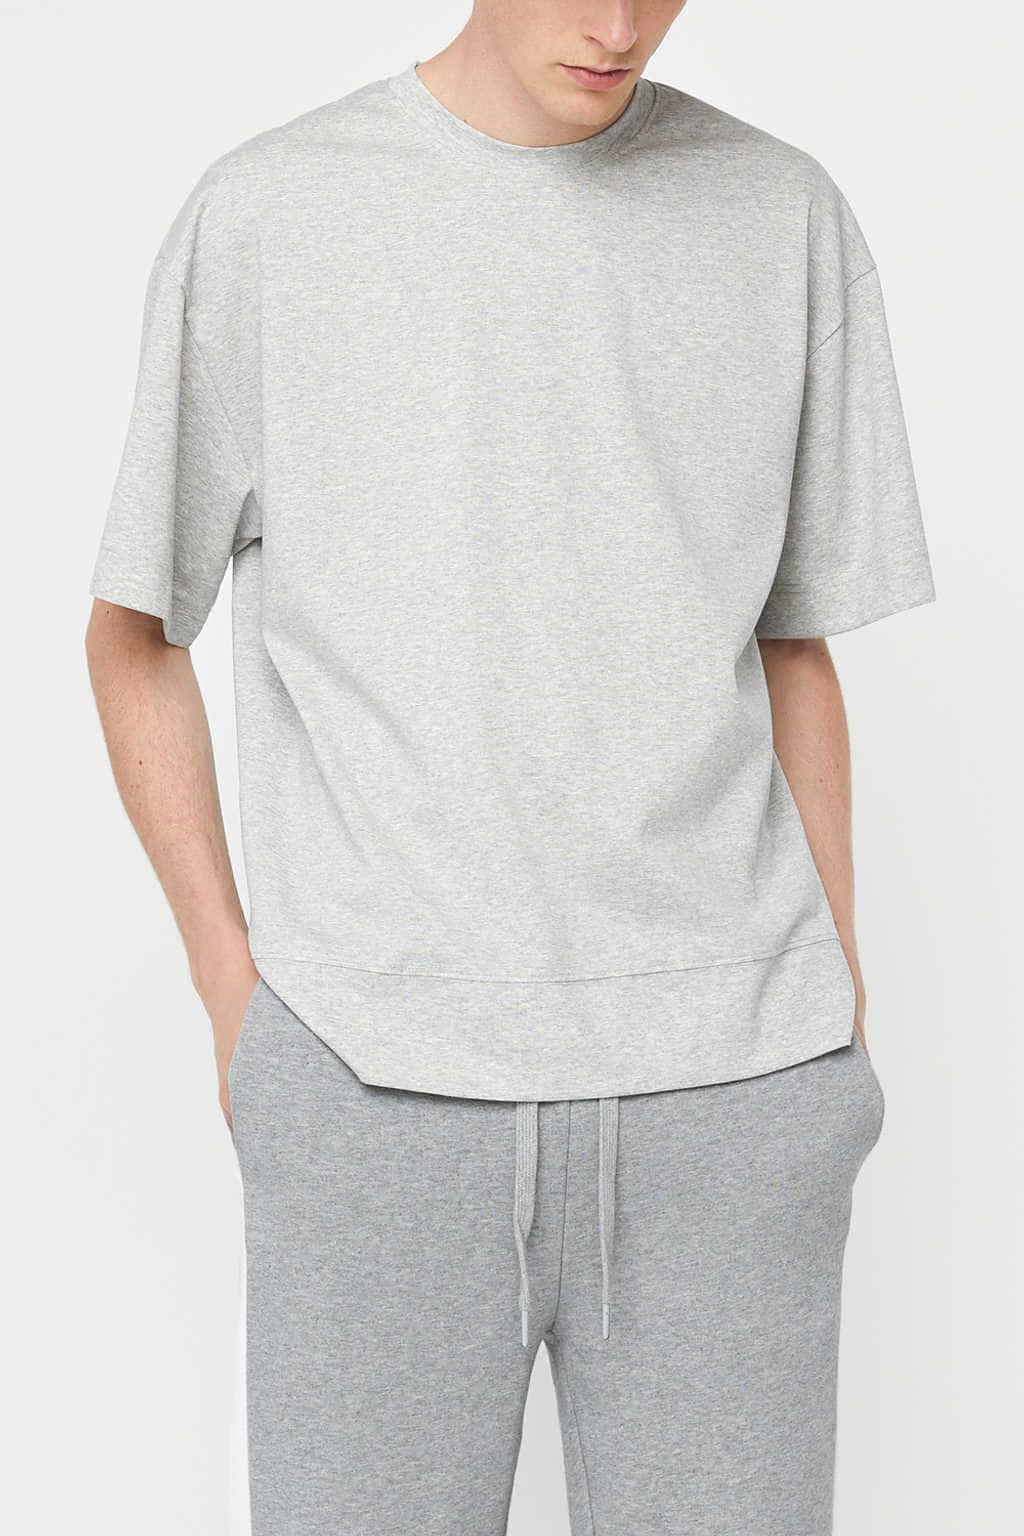 TShirt K007M Gray 1